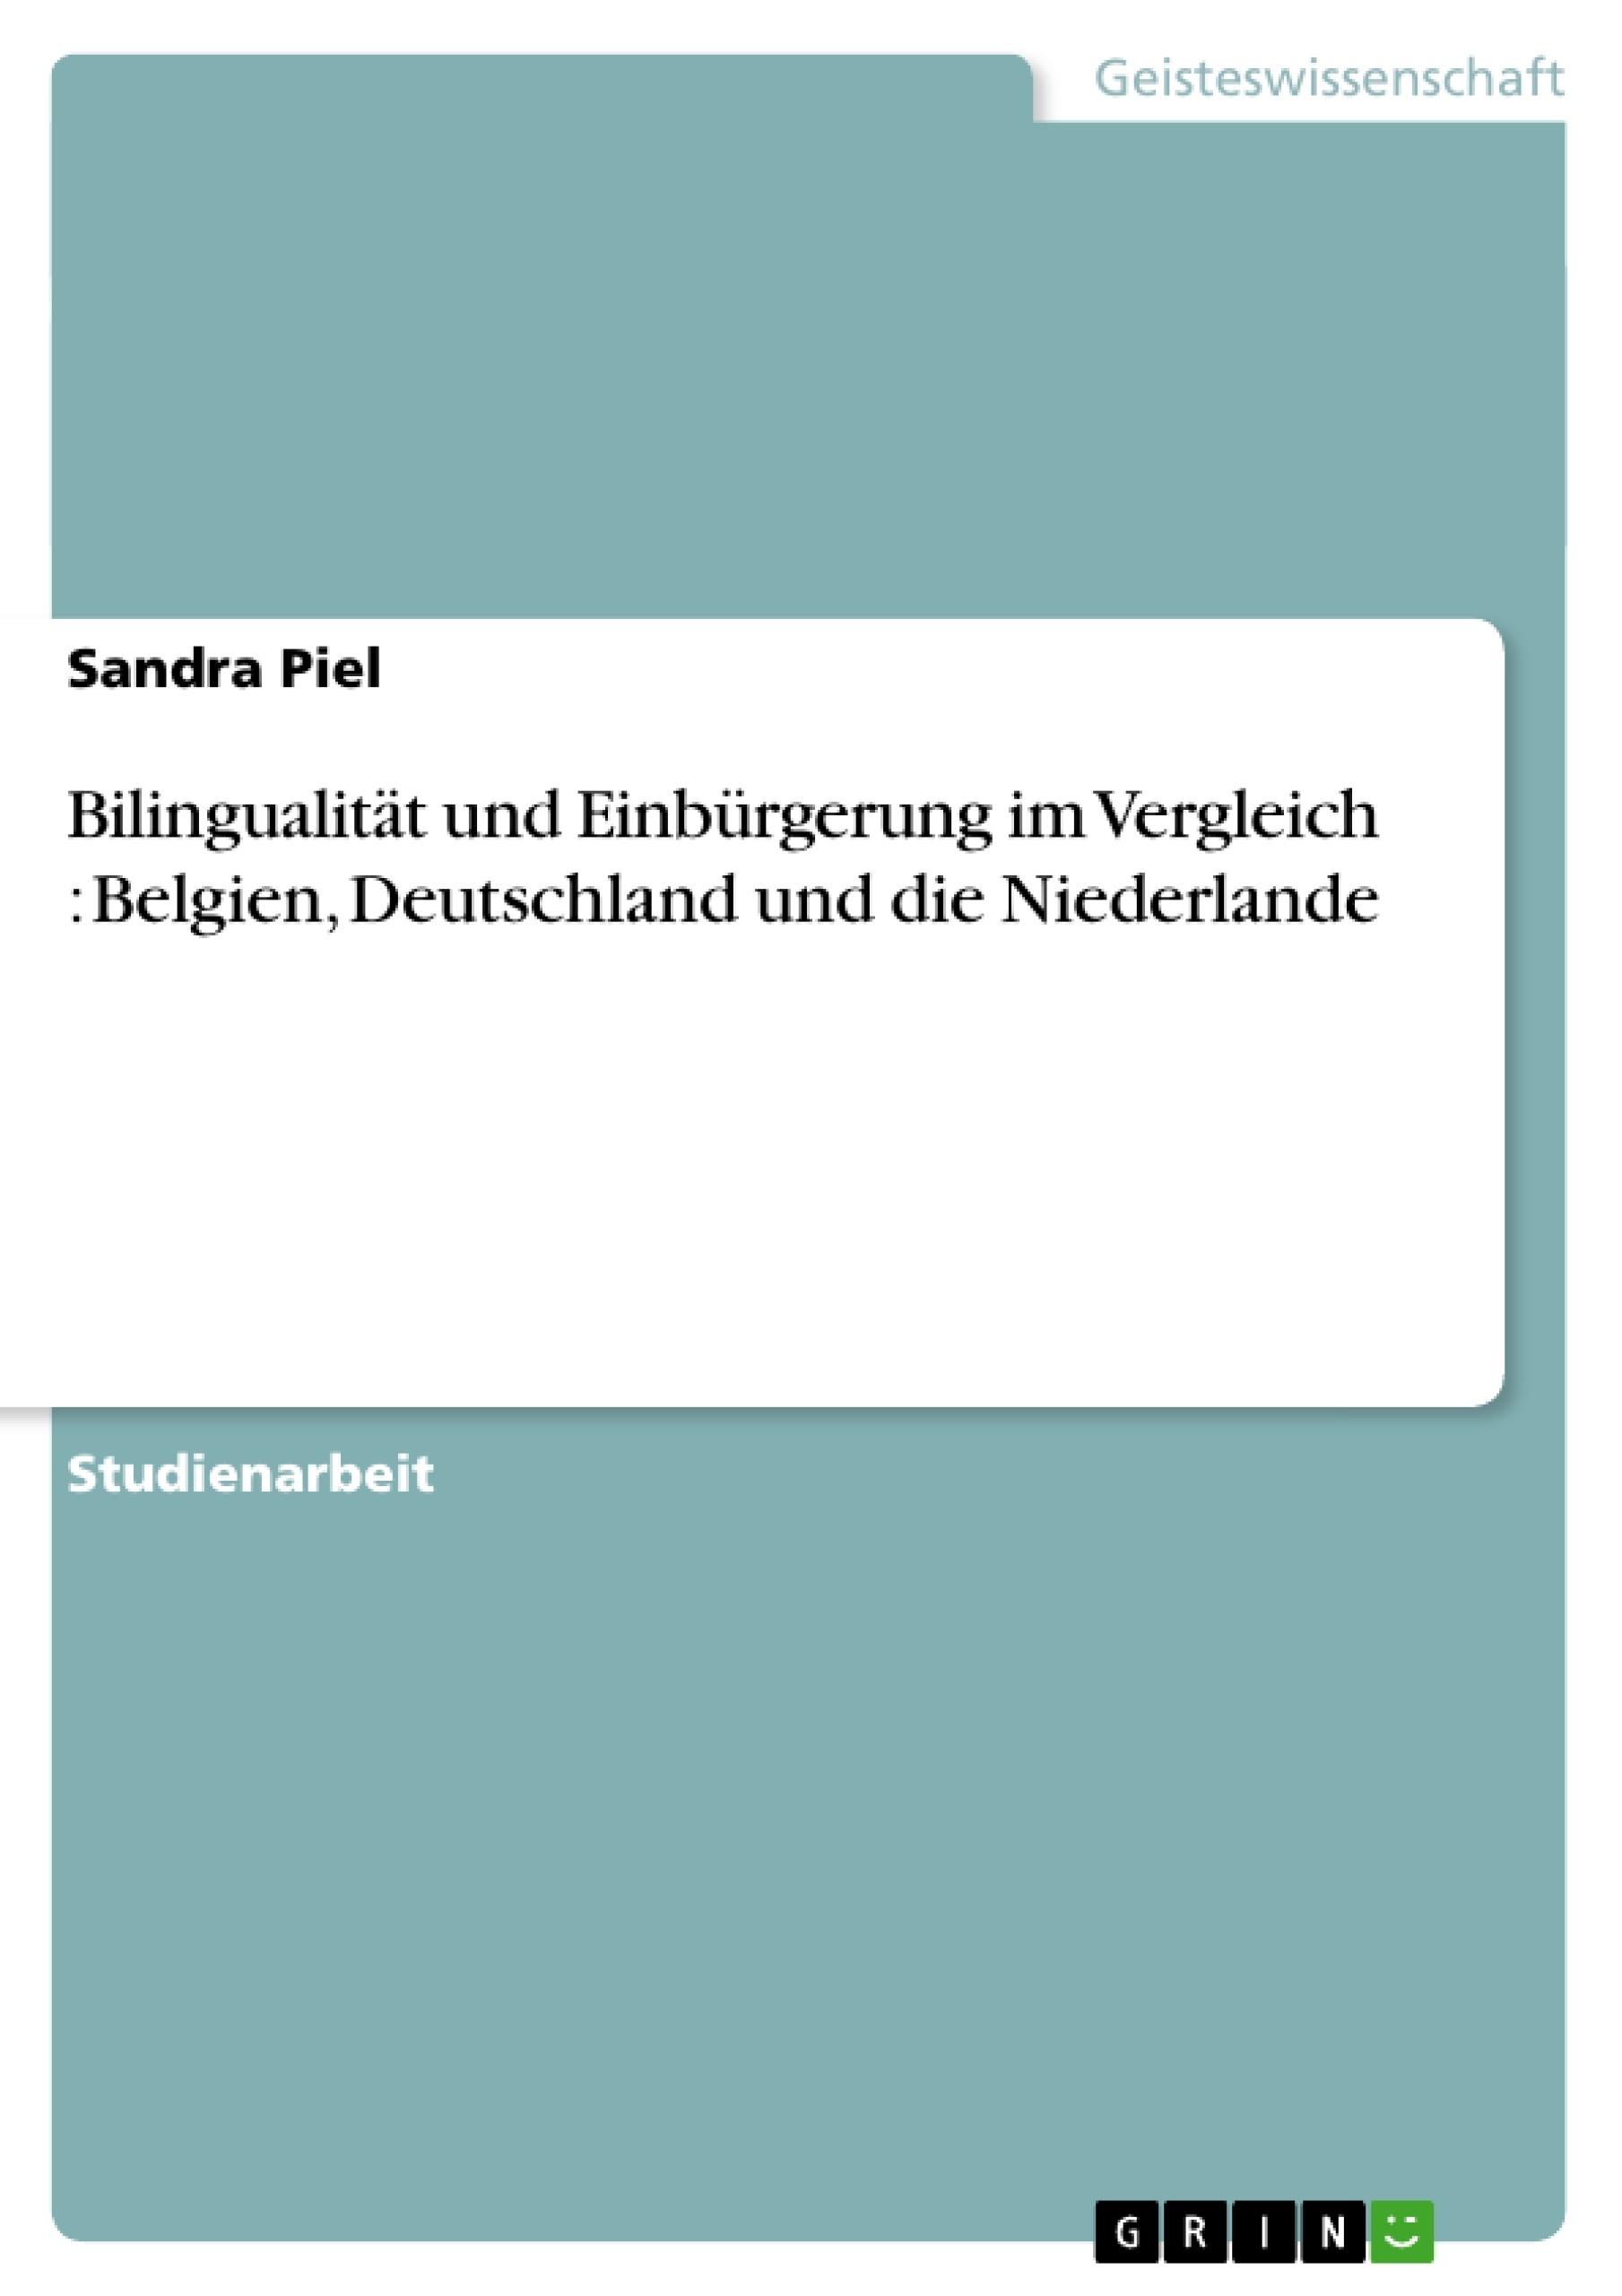 Titel: Bilingualität und Einbürgerung im Vergleich : Belgien, Deutschland und die Niederlande